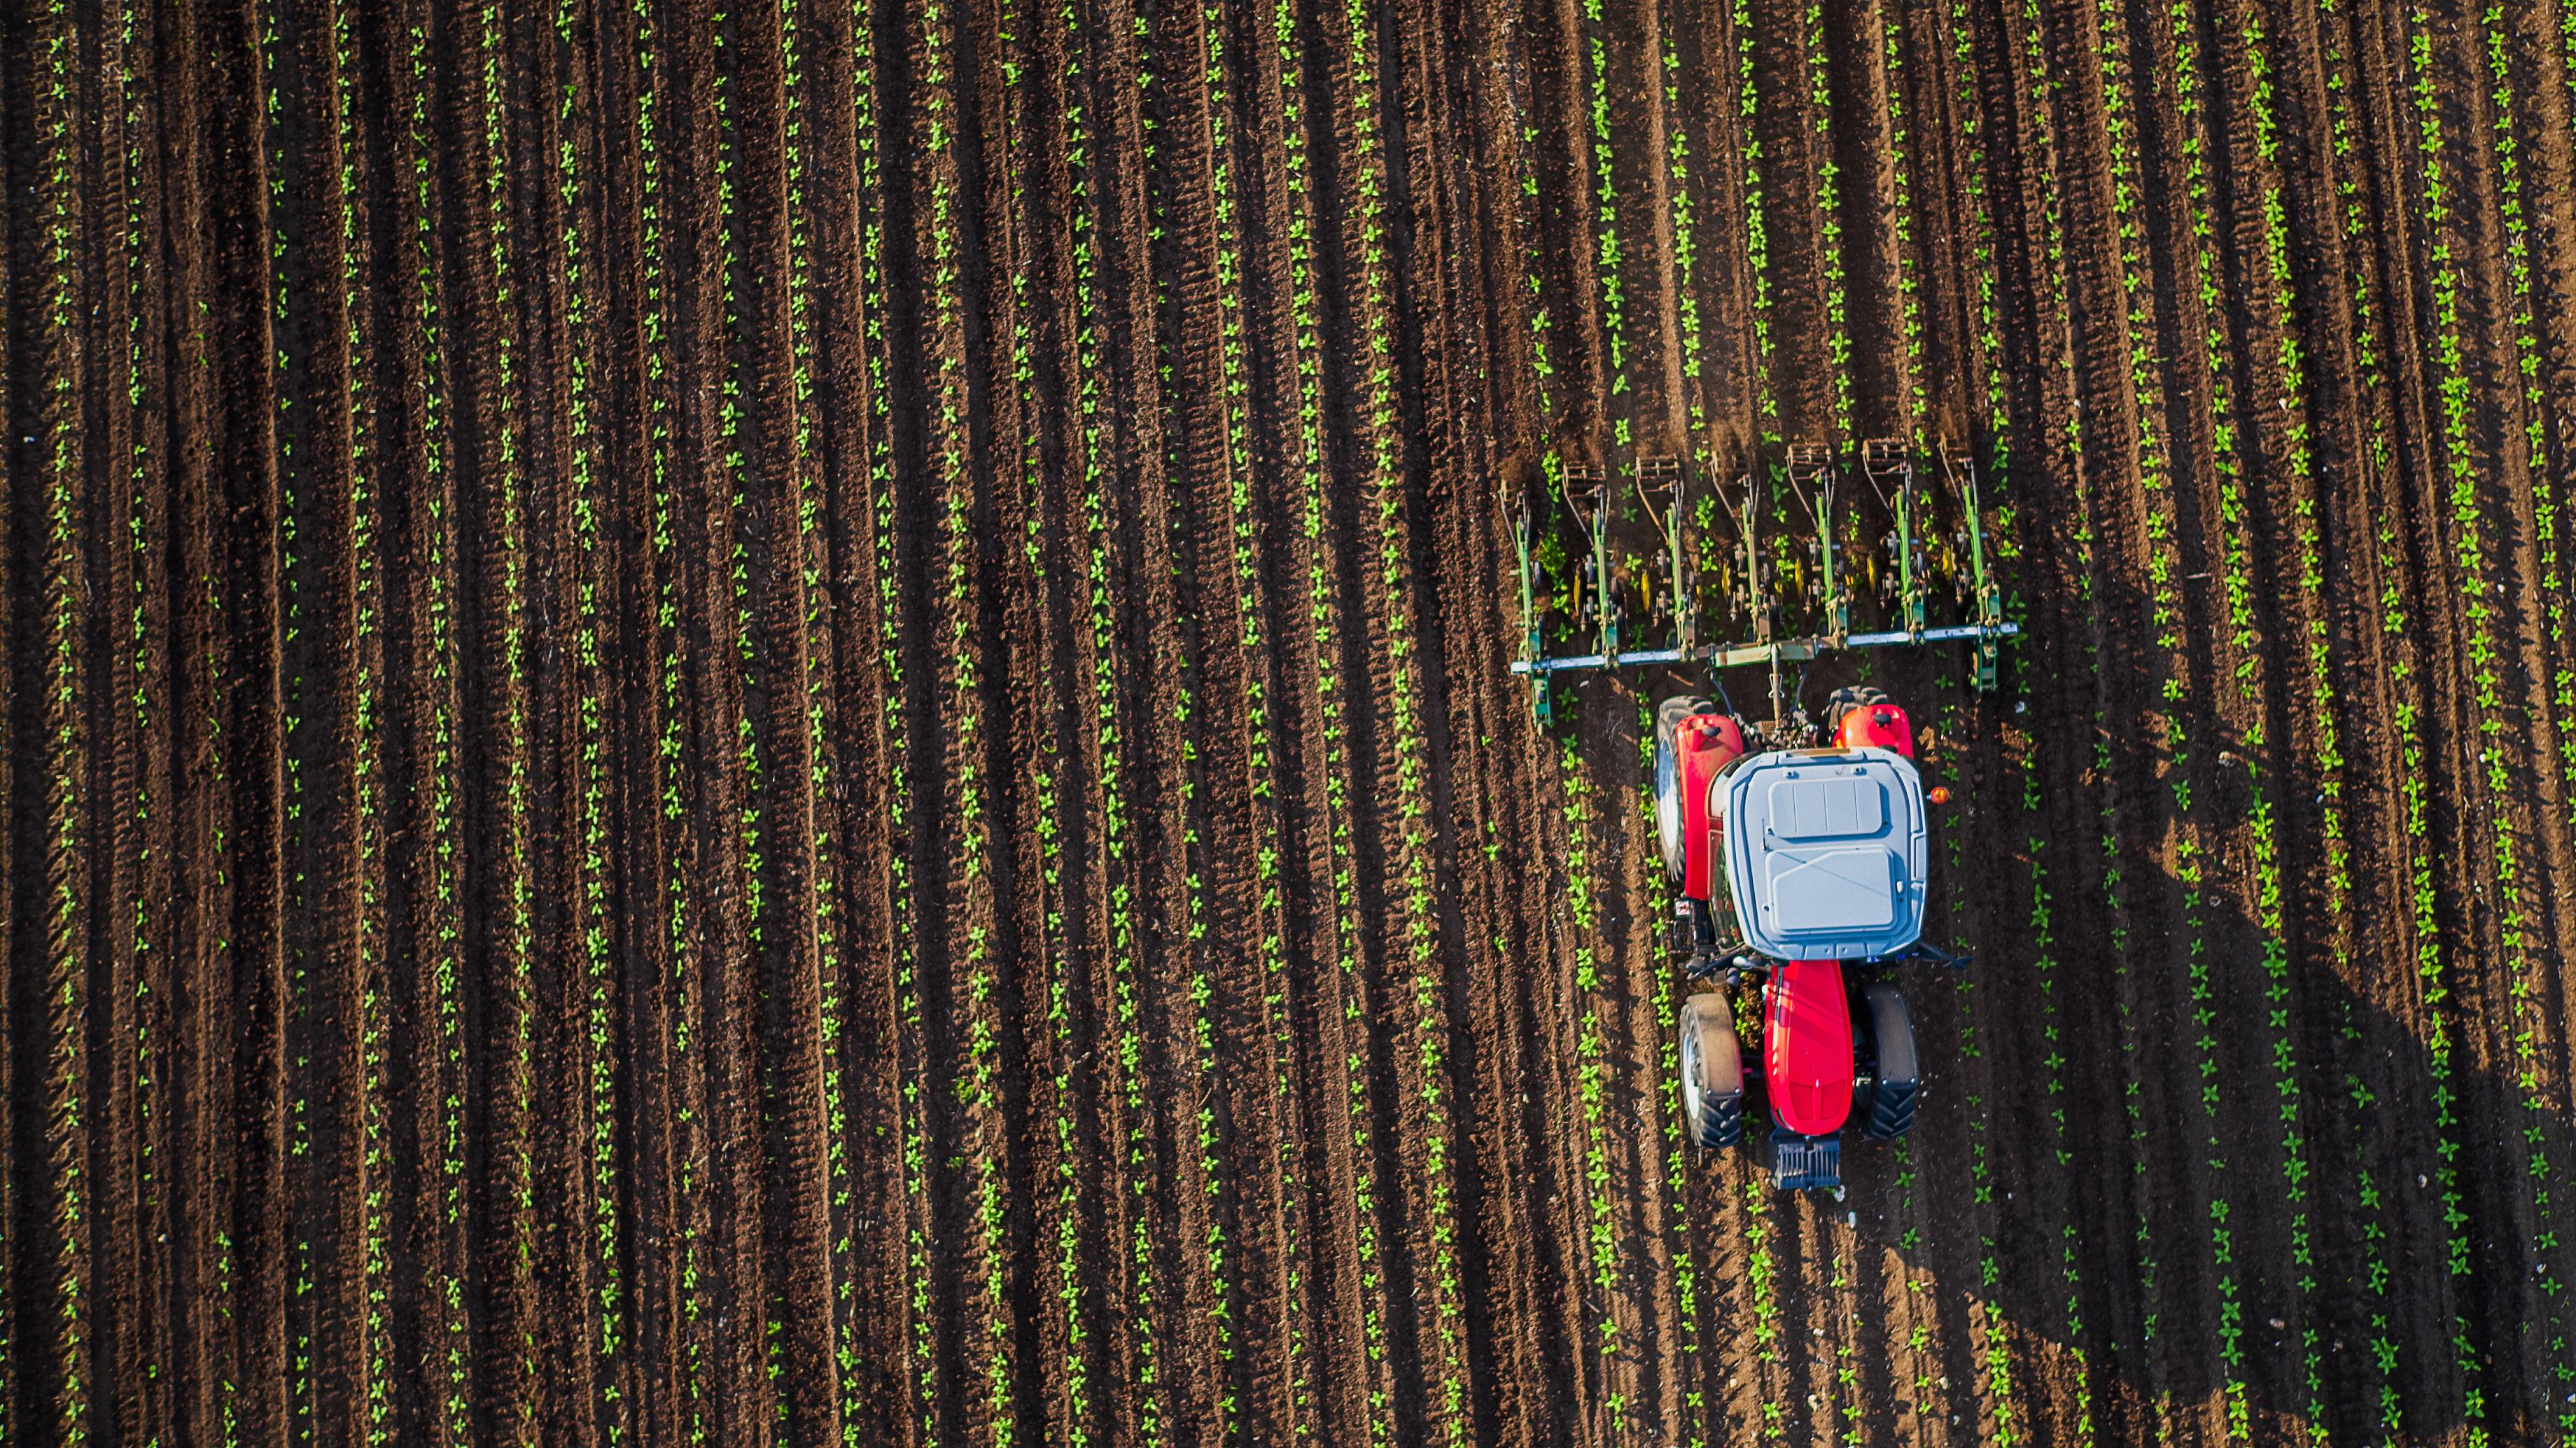 Zwar hat die Effizienz der landwirtschaftlichen Produktion in den letzten Jahrzehnten enorm zugenommen, allerdings sieht es so aus, als wenn die heutigen Ernteerträge kaum noch steigerungsfähig sind. Um den stetig wachsenden Bedarf befriedigen zu können, müssen dringend neuartige Lösungen her. Credit: valio84sl/iStock.com